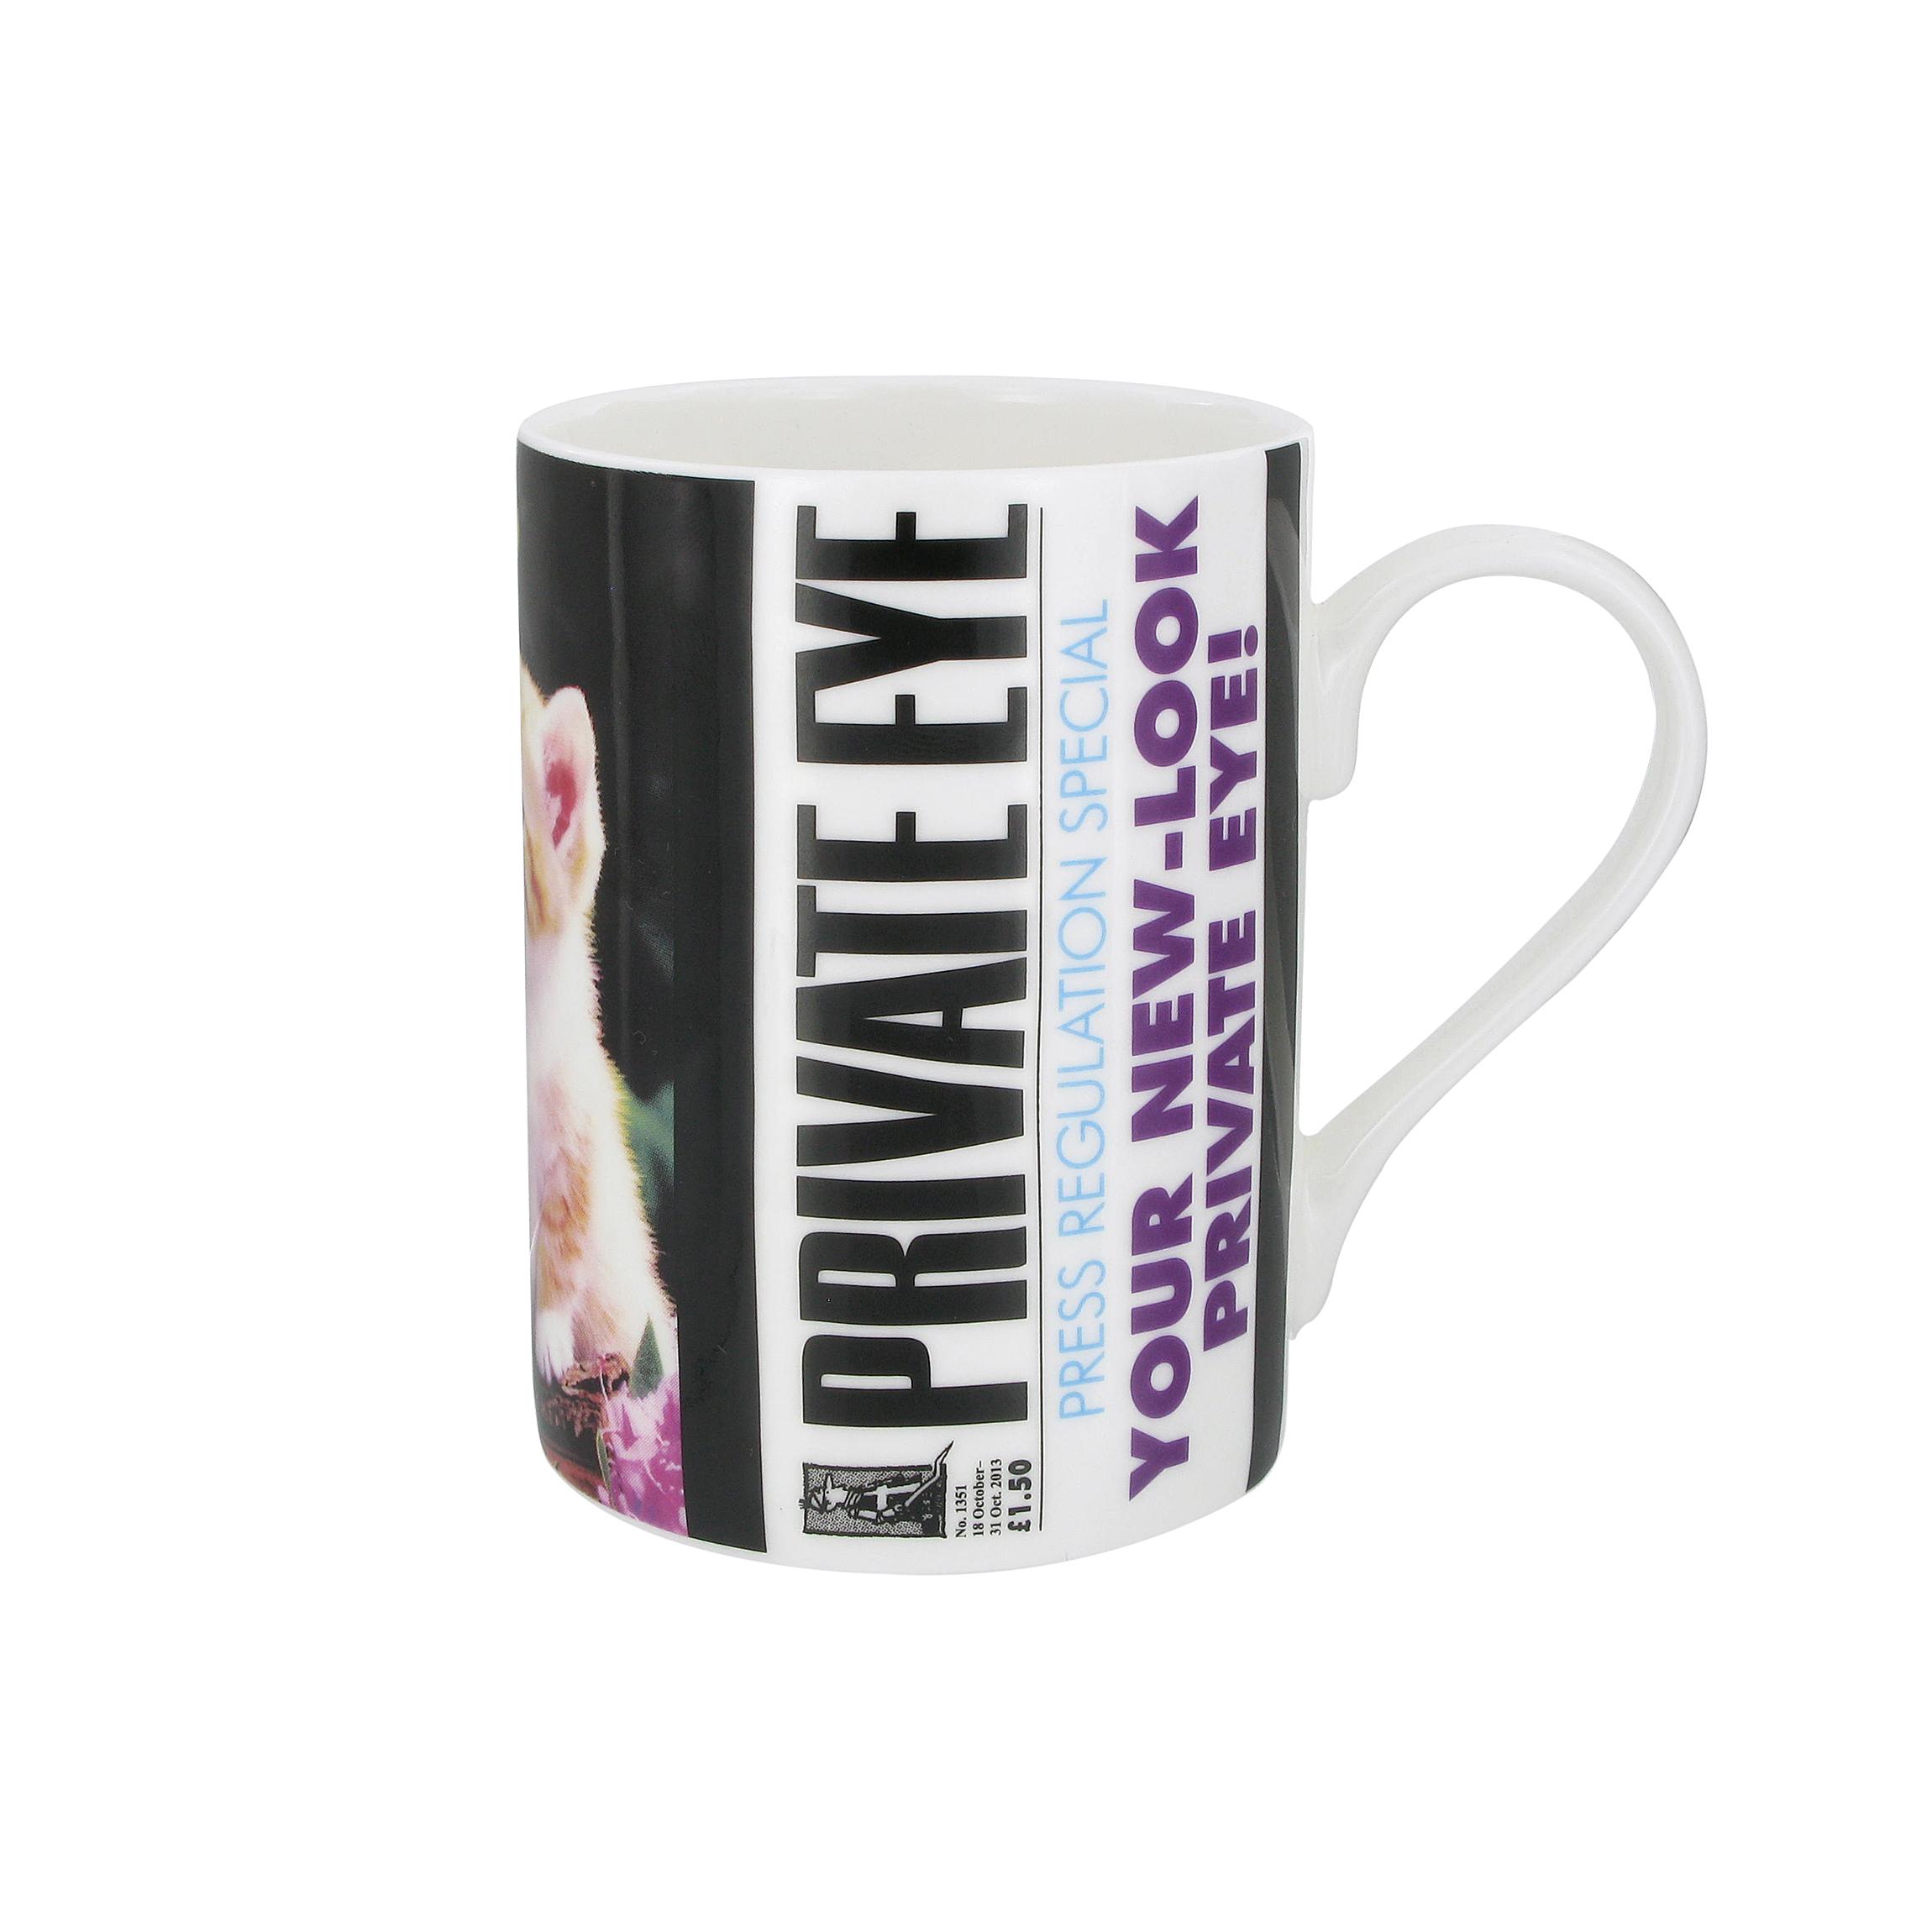 Private Eye mug